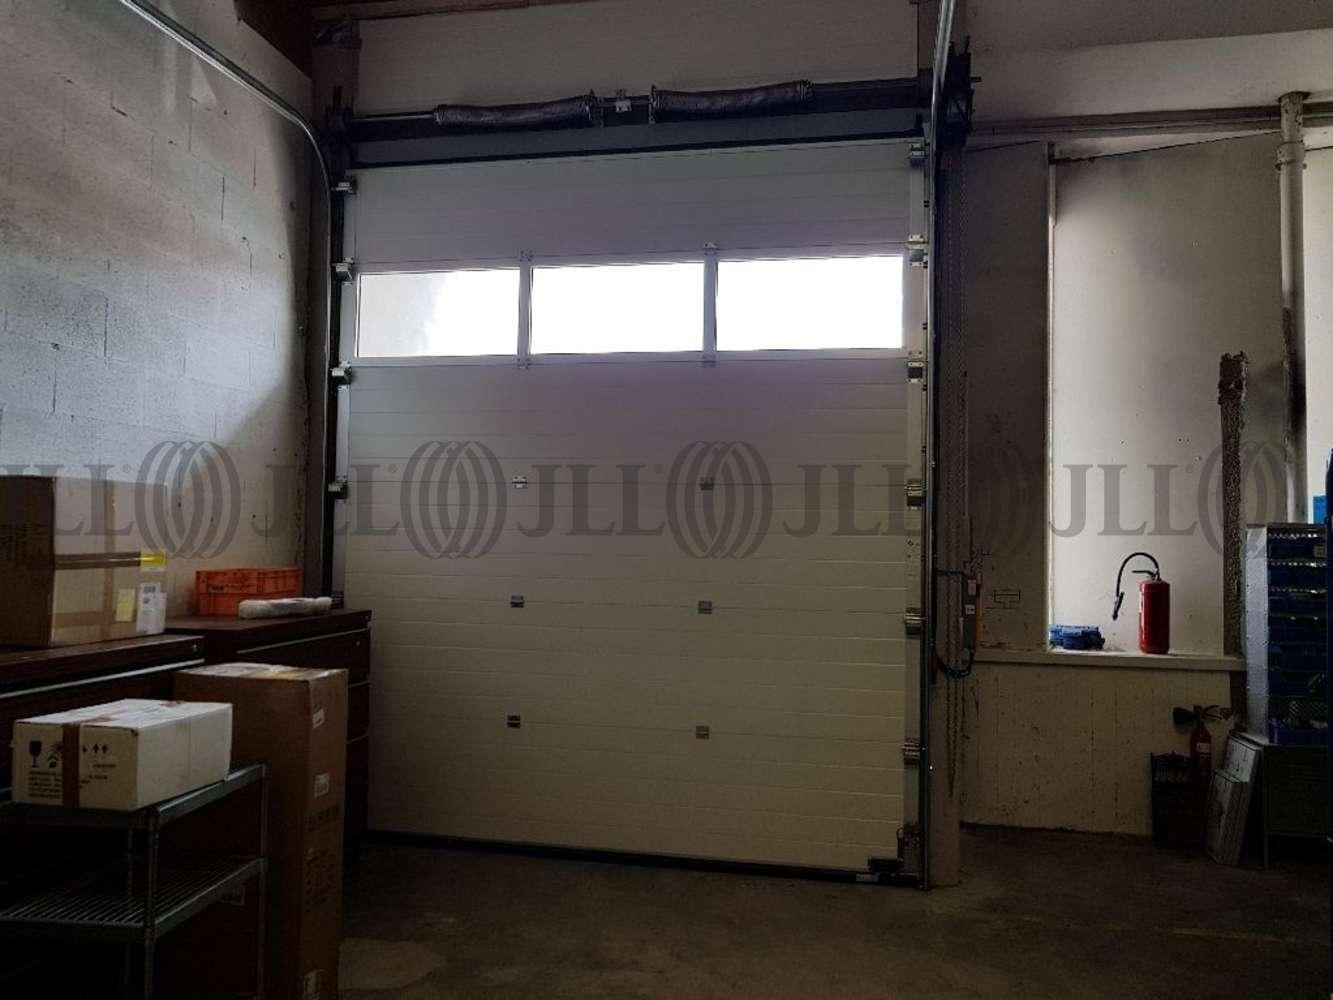 Activités/entrepôt Genay, 69730 - ENTREPOT À VENDRE LYON  - GENAY - 9567881